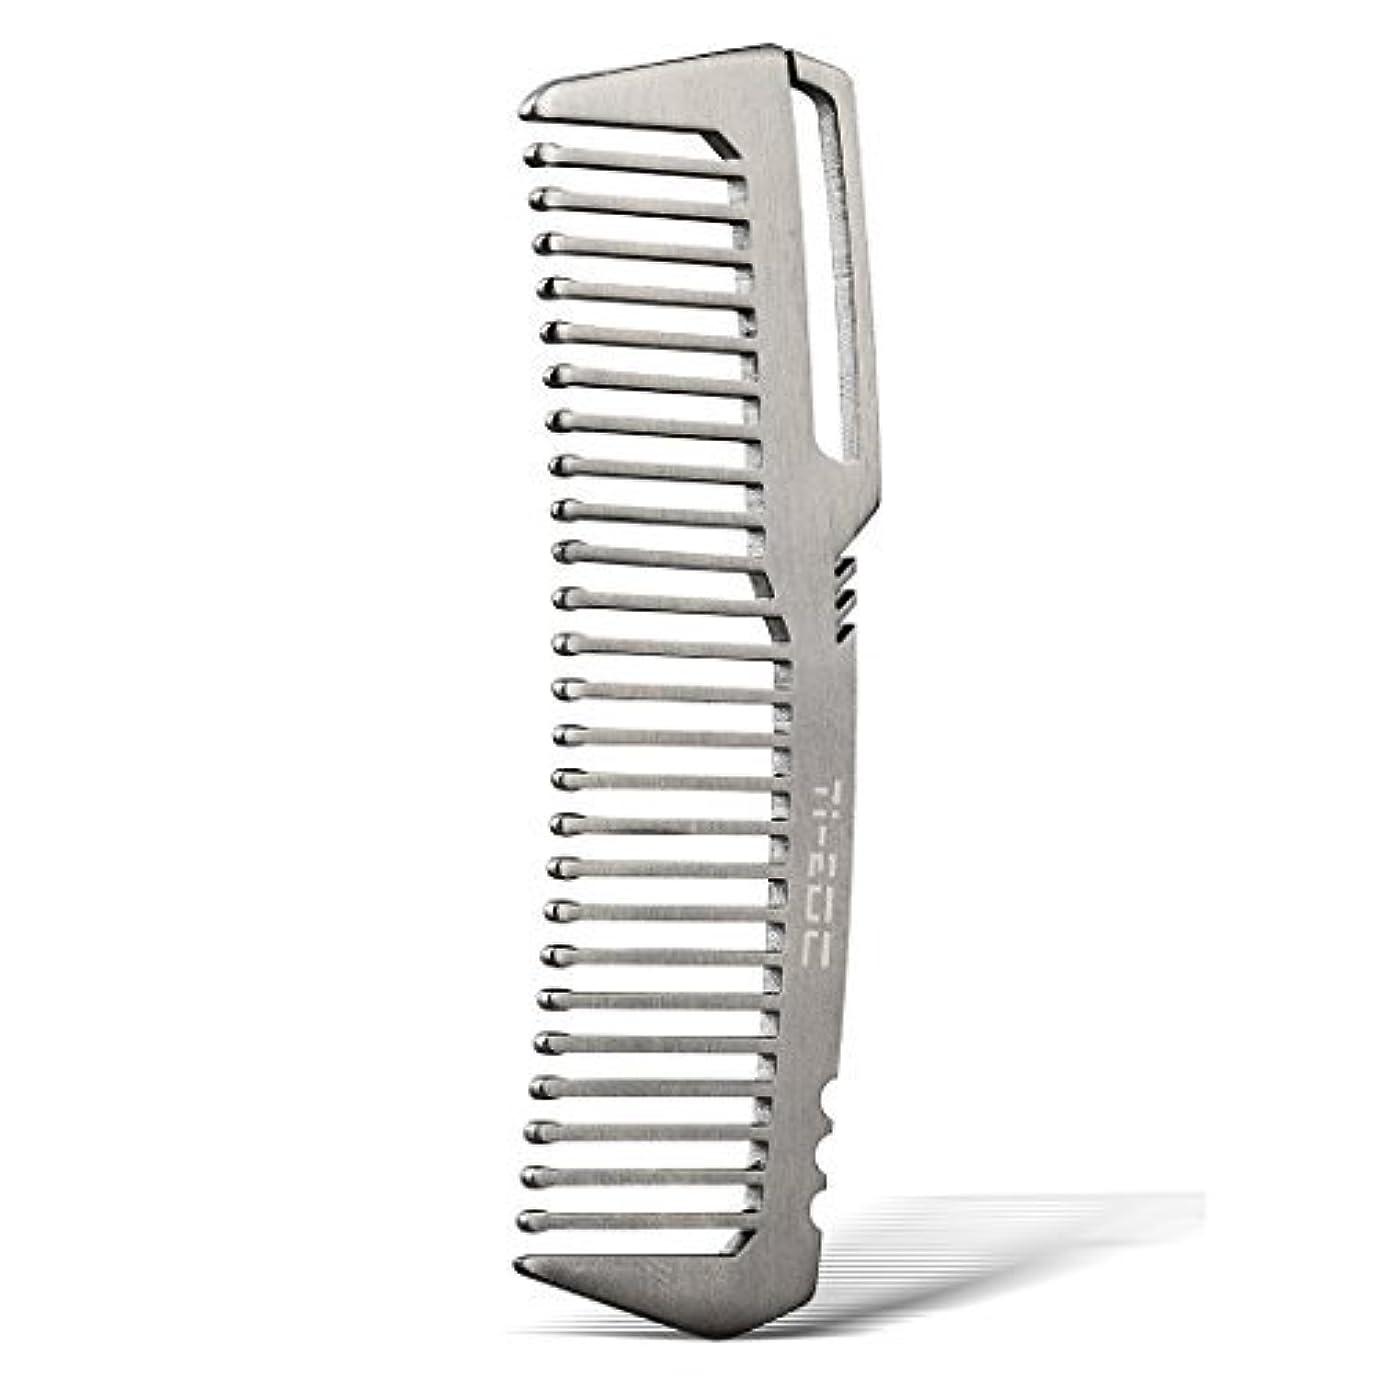 できた誇大妄想好戦的なTI-EDC Titanium Hair Beared Comb Handmade Premium Eco-friendly Durable Pocket Wallet Comb [並行輸入品]